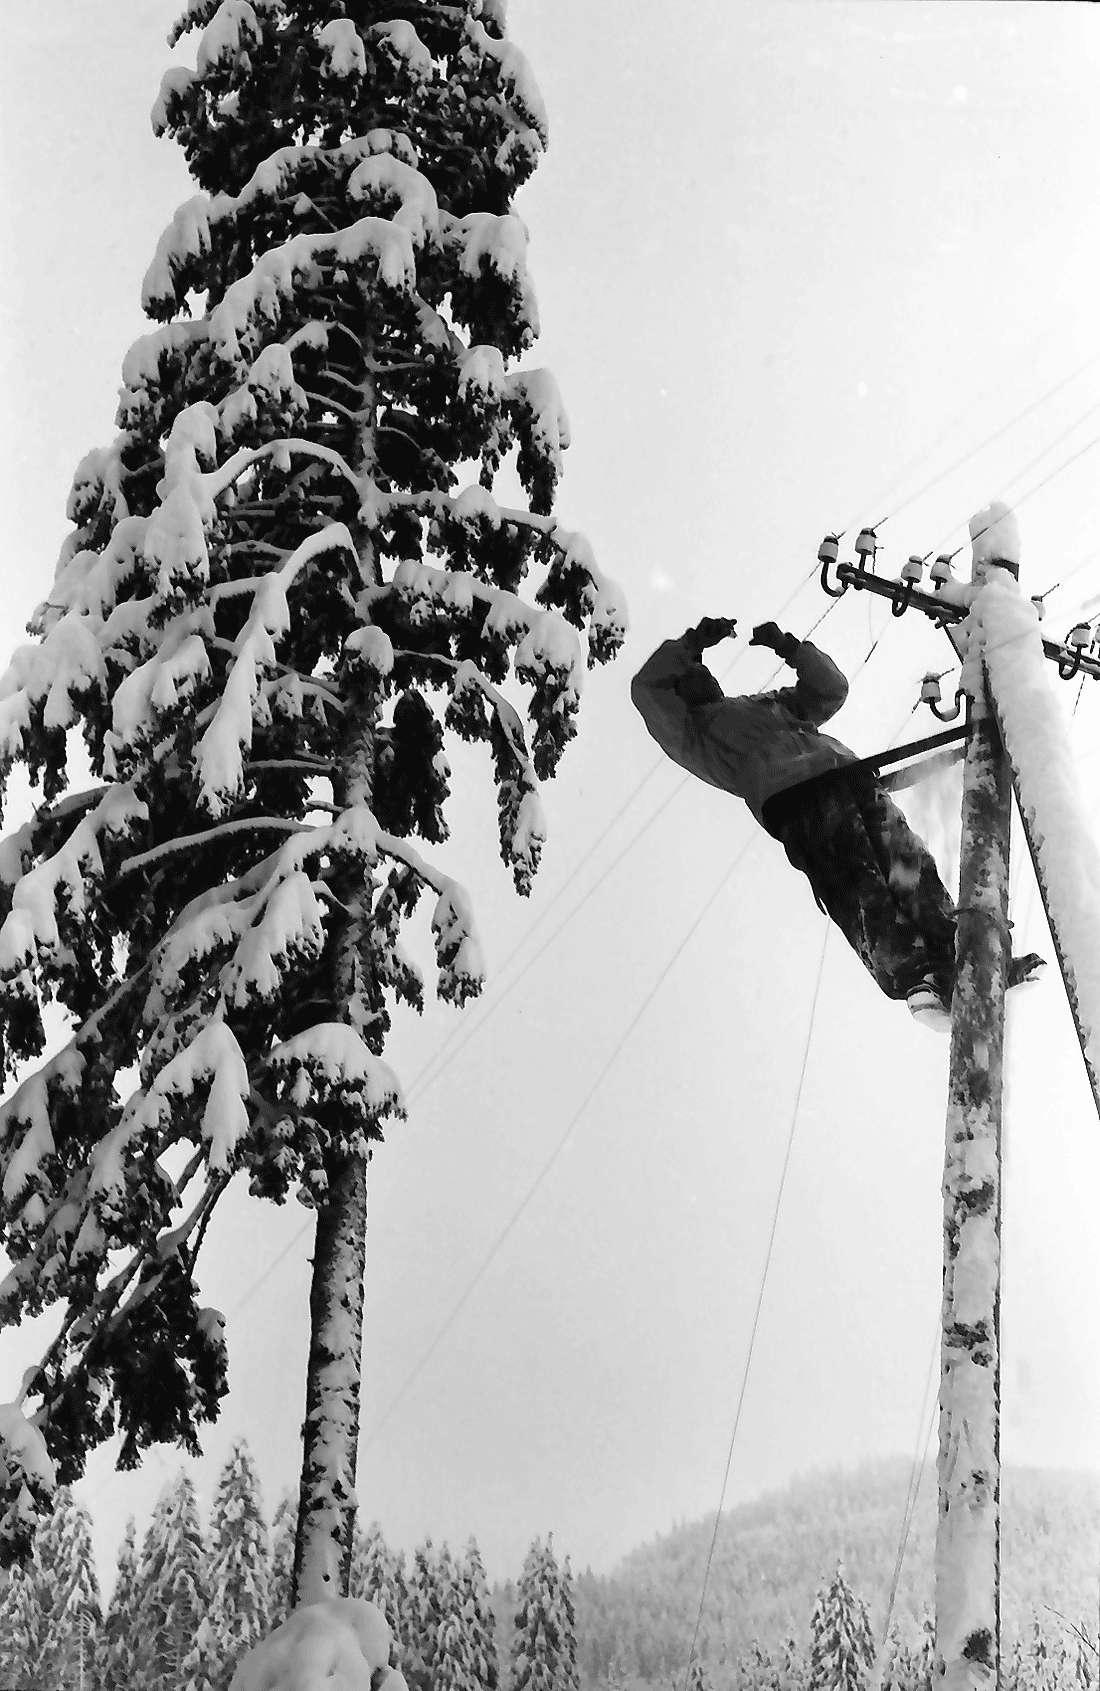 St. Blasien - Todtmoos: Straße; Bautrupp beseitigt Schneeschäden an Telefonleitungen; Arbeiter auf Telefonmast, Bild 2